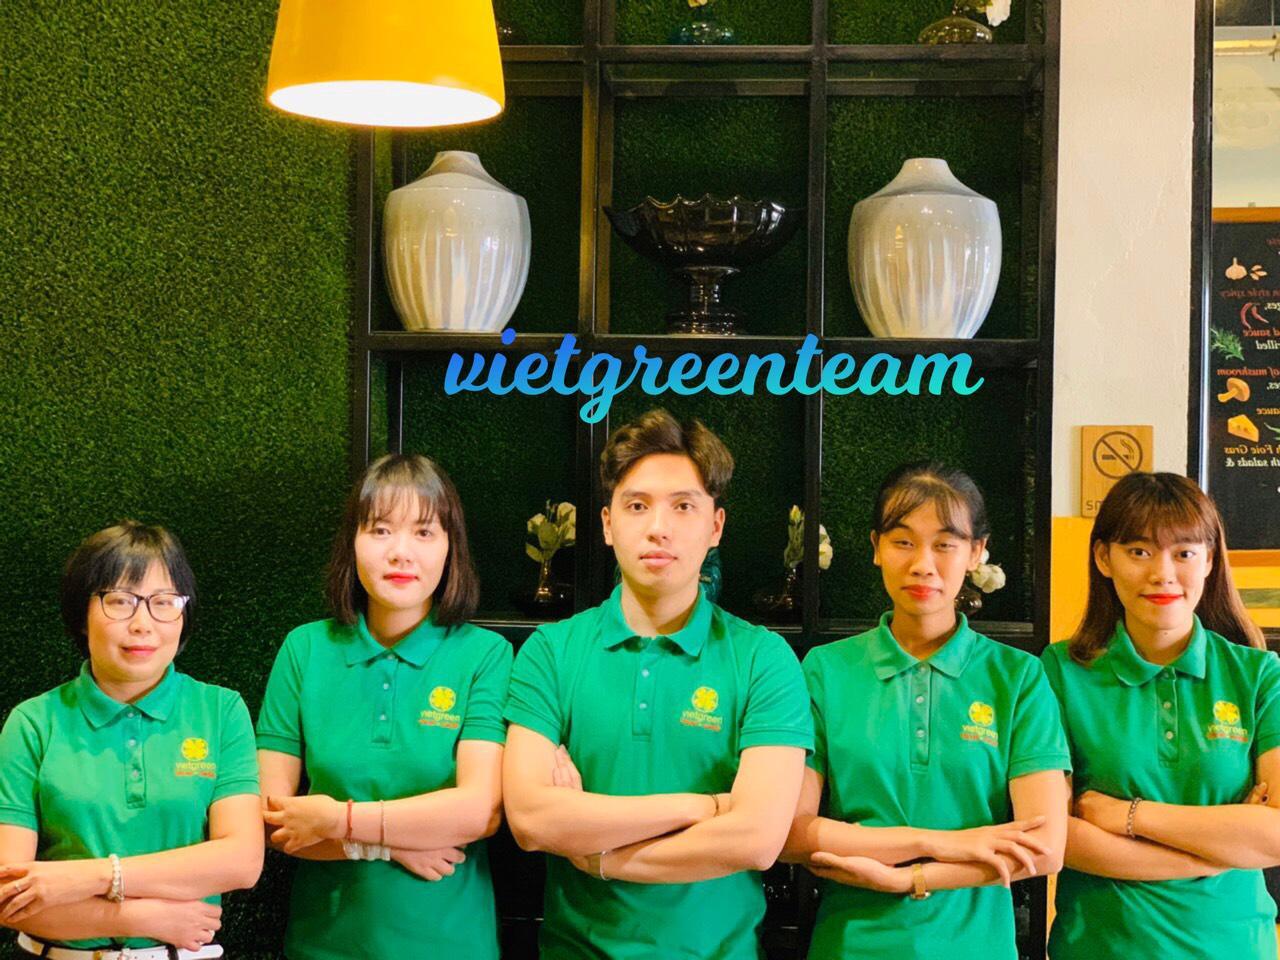 Vì sao chọn Du Lịch Xanh, Viet Green Travel